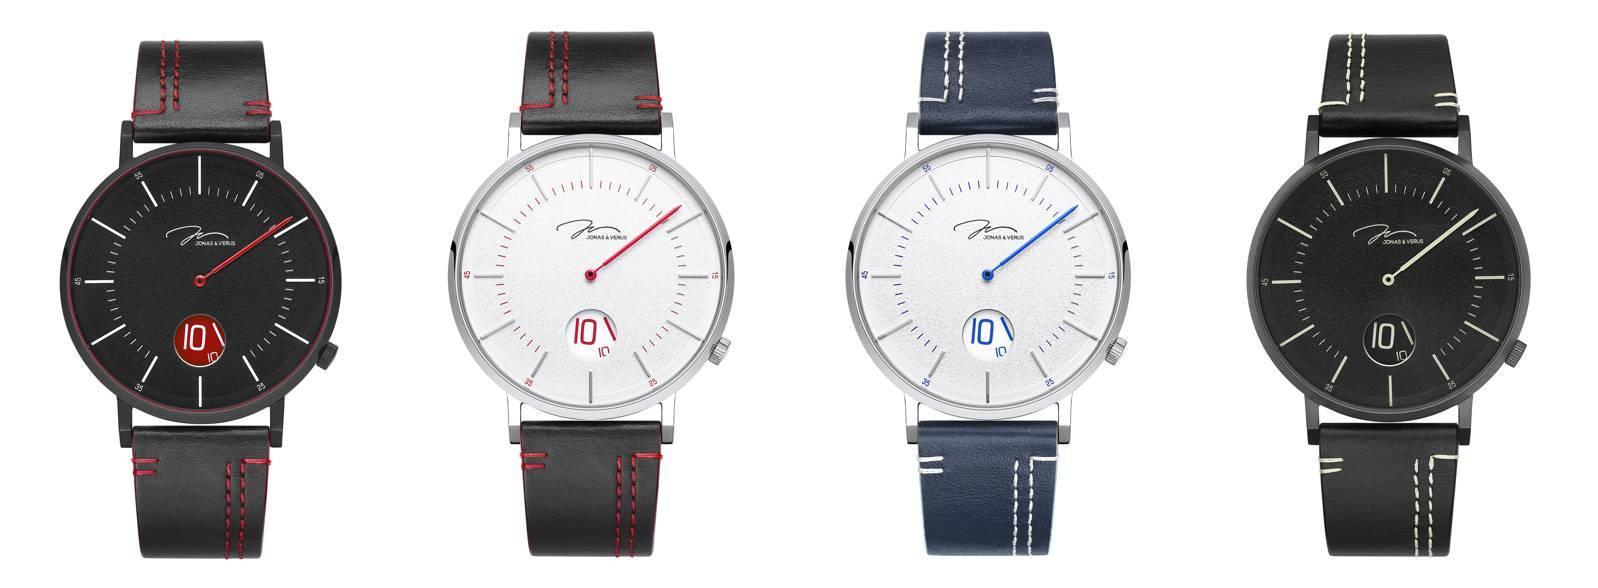 一款来自宇宙的腕表,靠颜值完胜 Apple Watch!